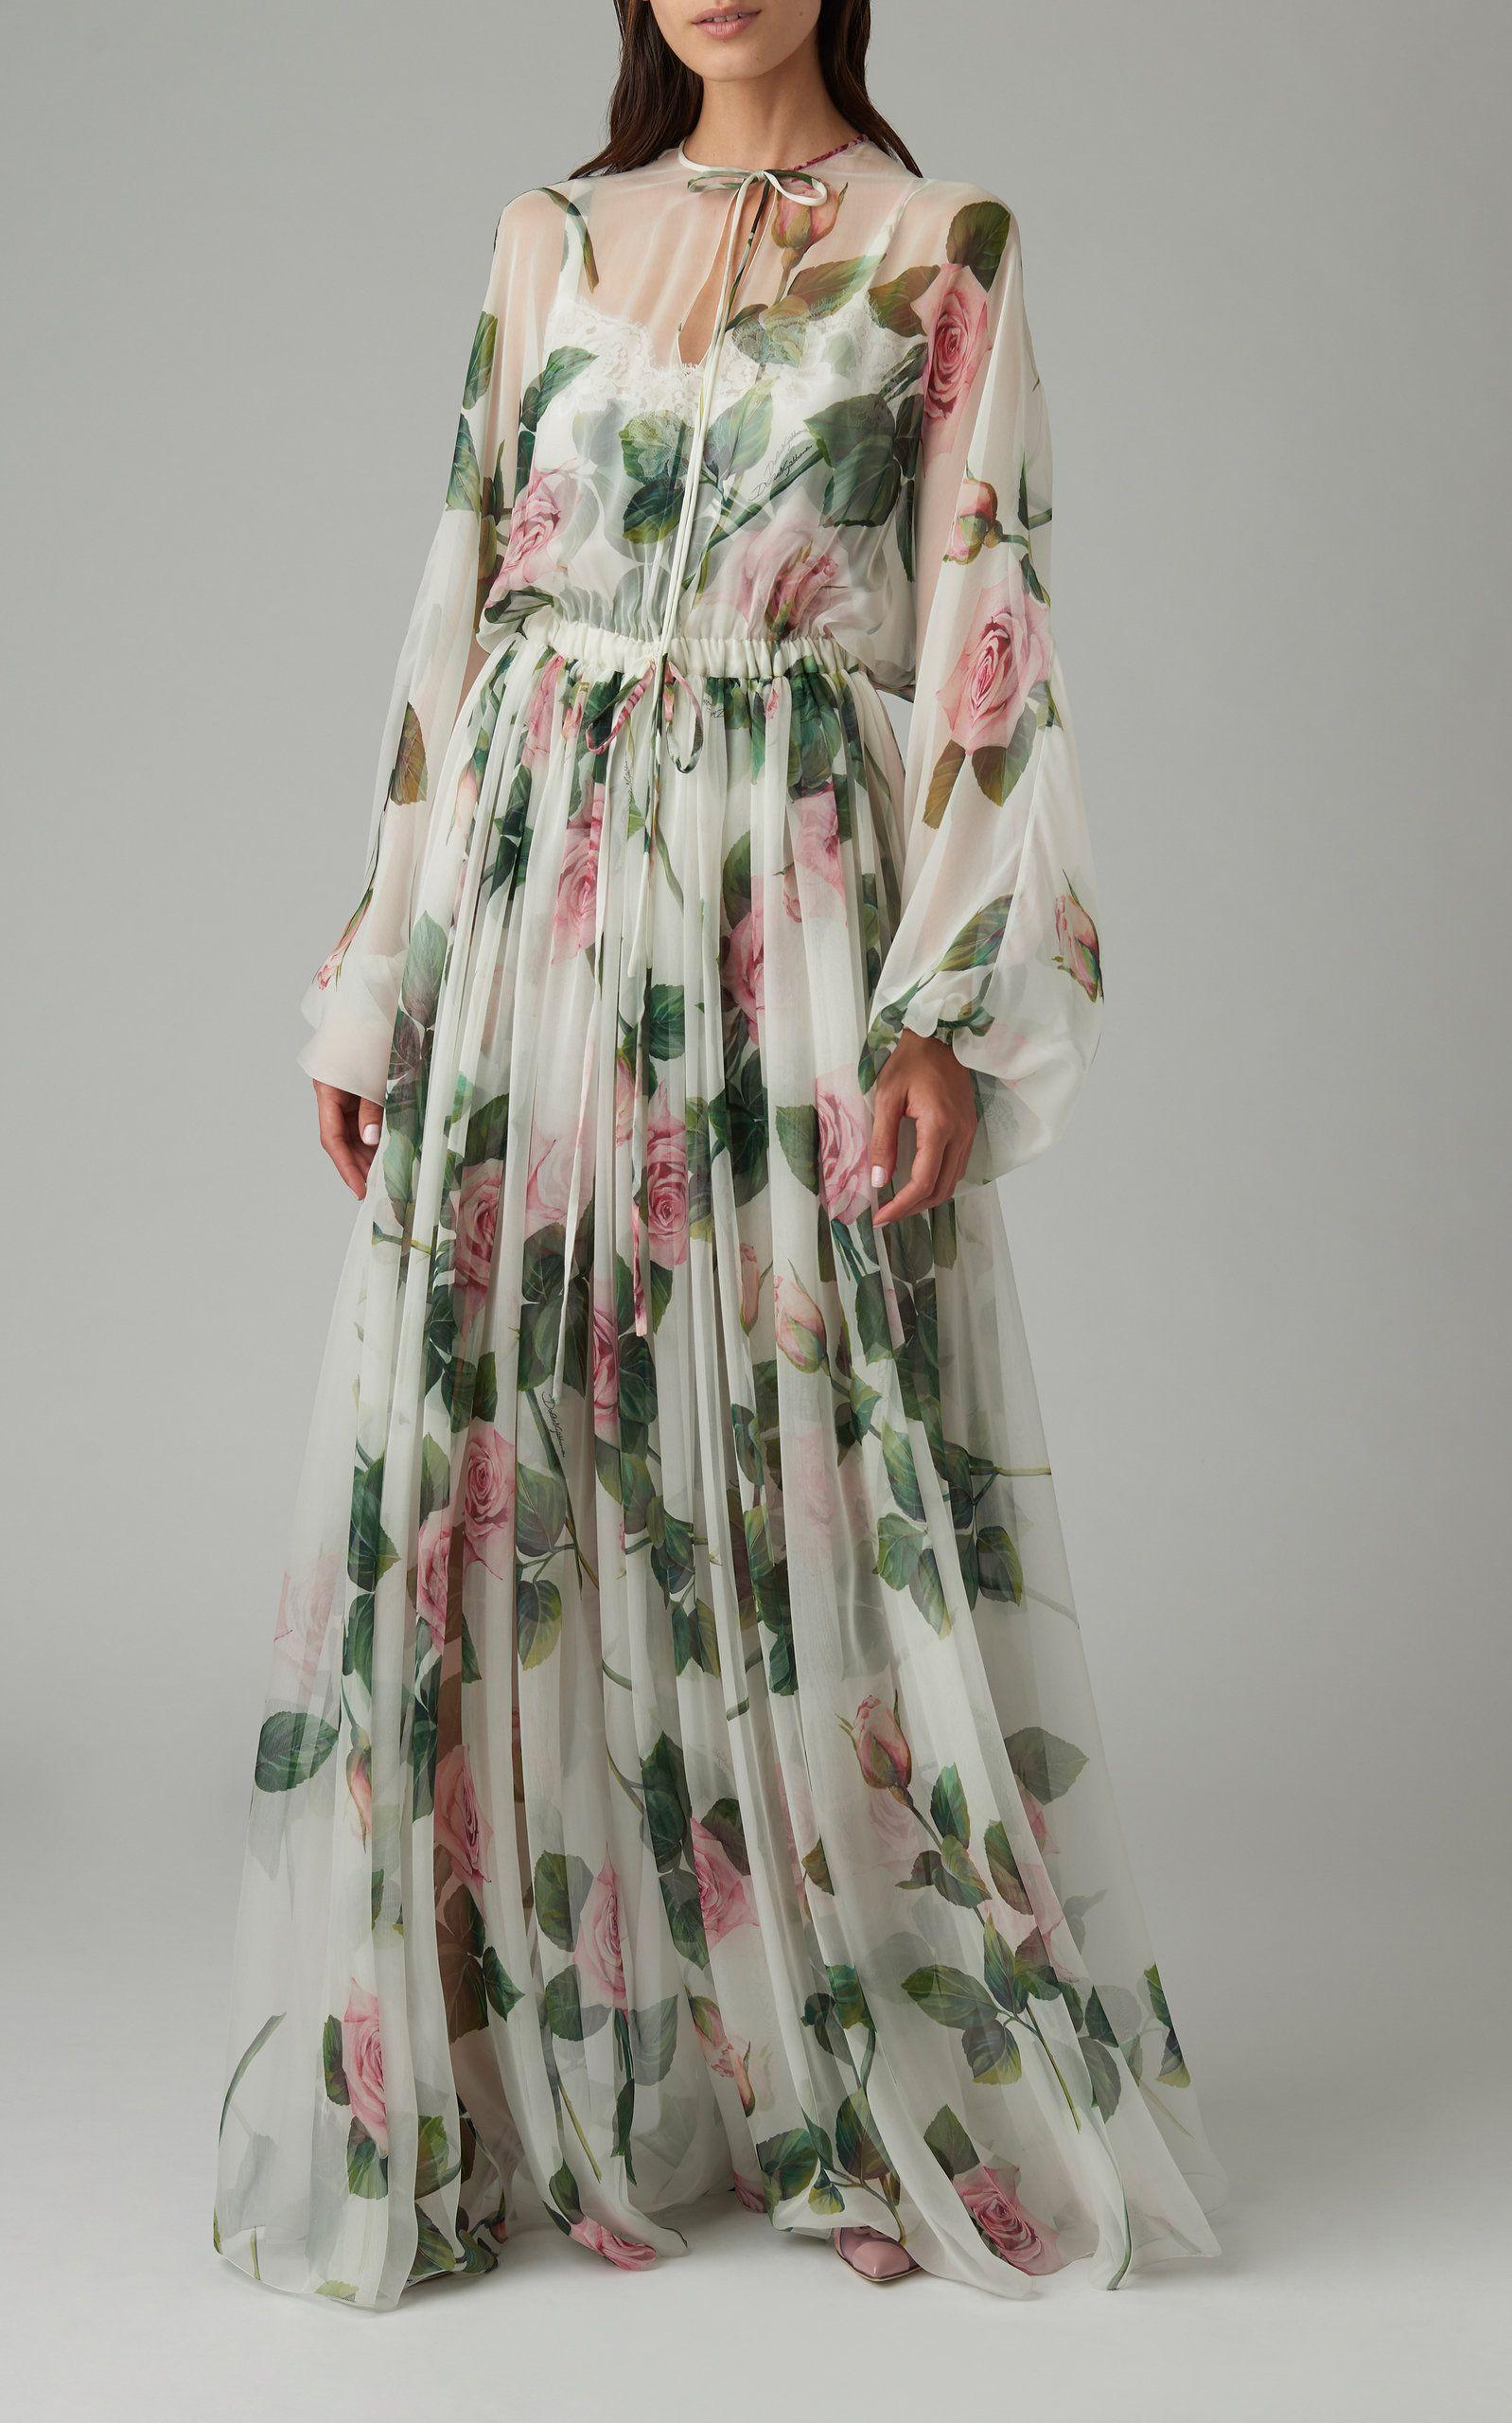 Dolce Gabbana Floral Print Silk Chiffon Maxi Dress In 2020 Maxi Dress Chiffon Maxi Dress Designer Dresses